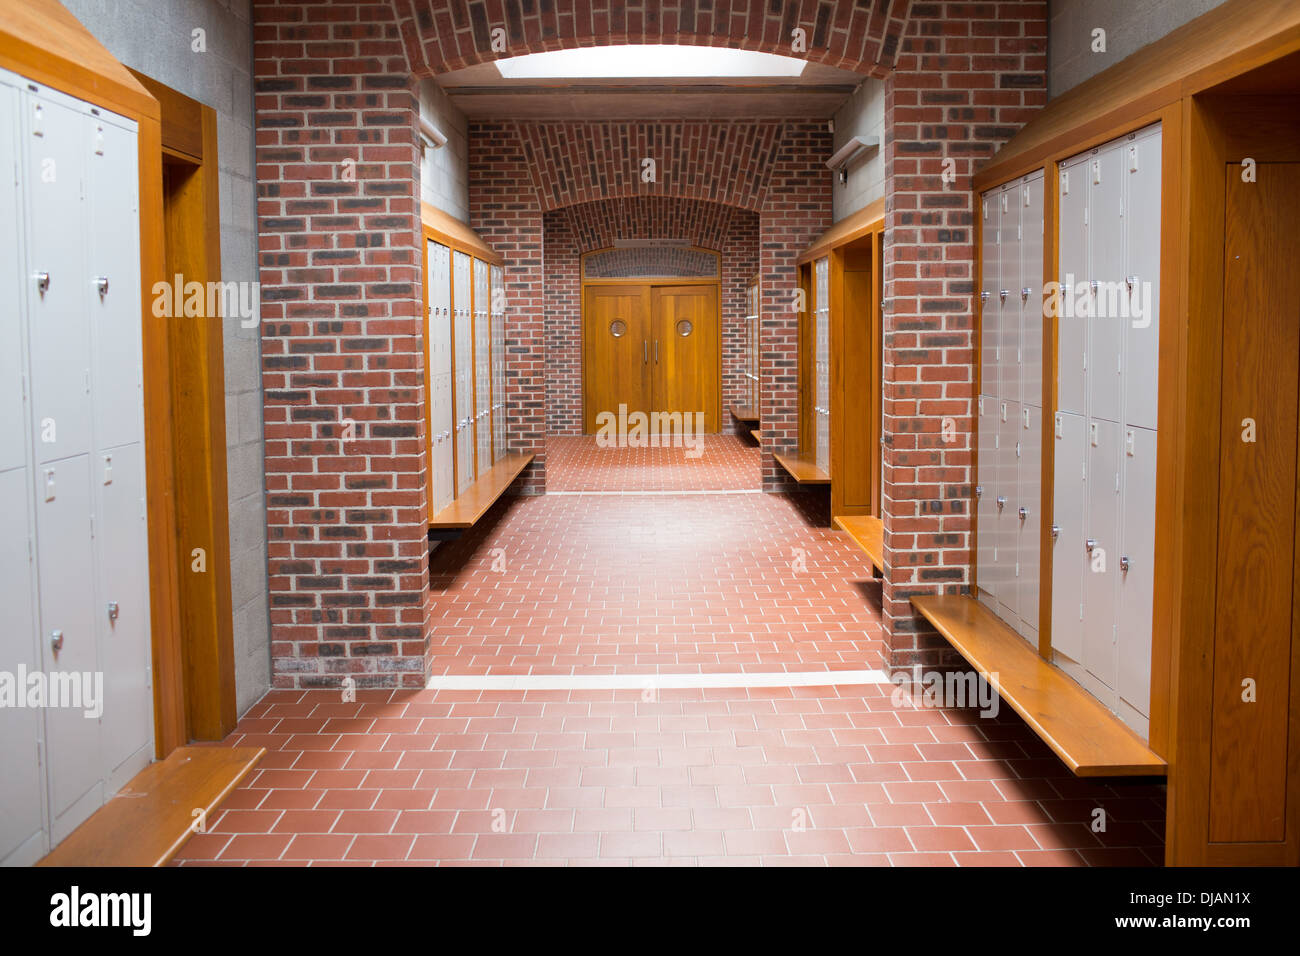 Fußboden Aus Backsteinen ~ Backstein gemauerten korridor mit gefliesten fußböden in der schule